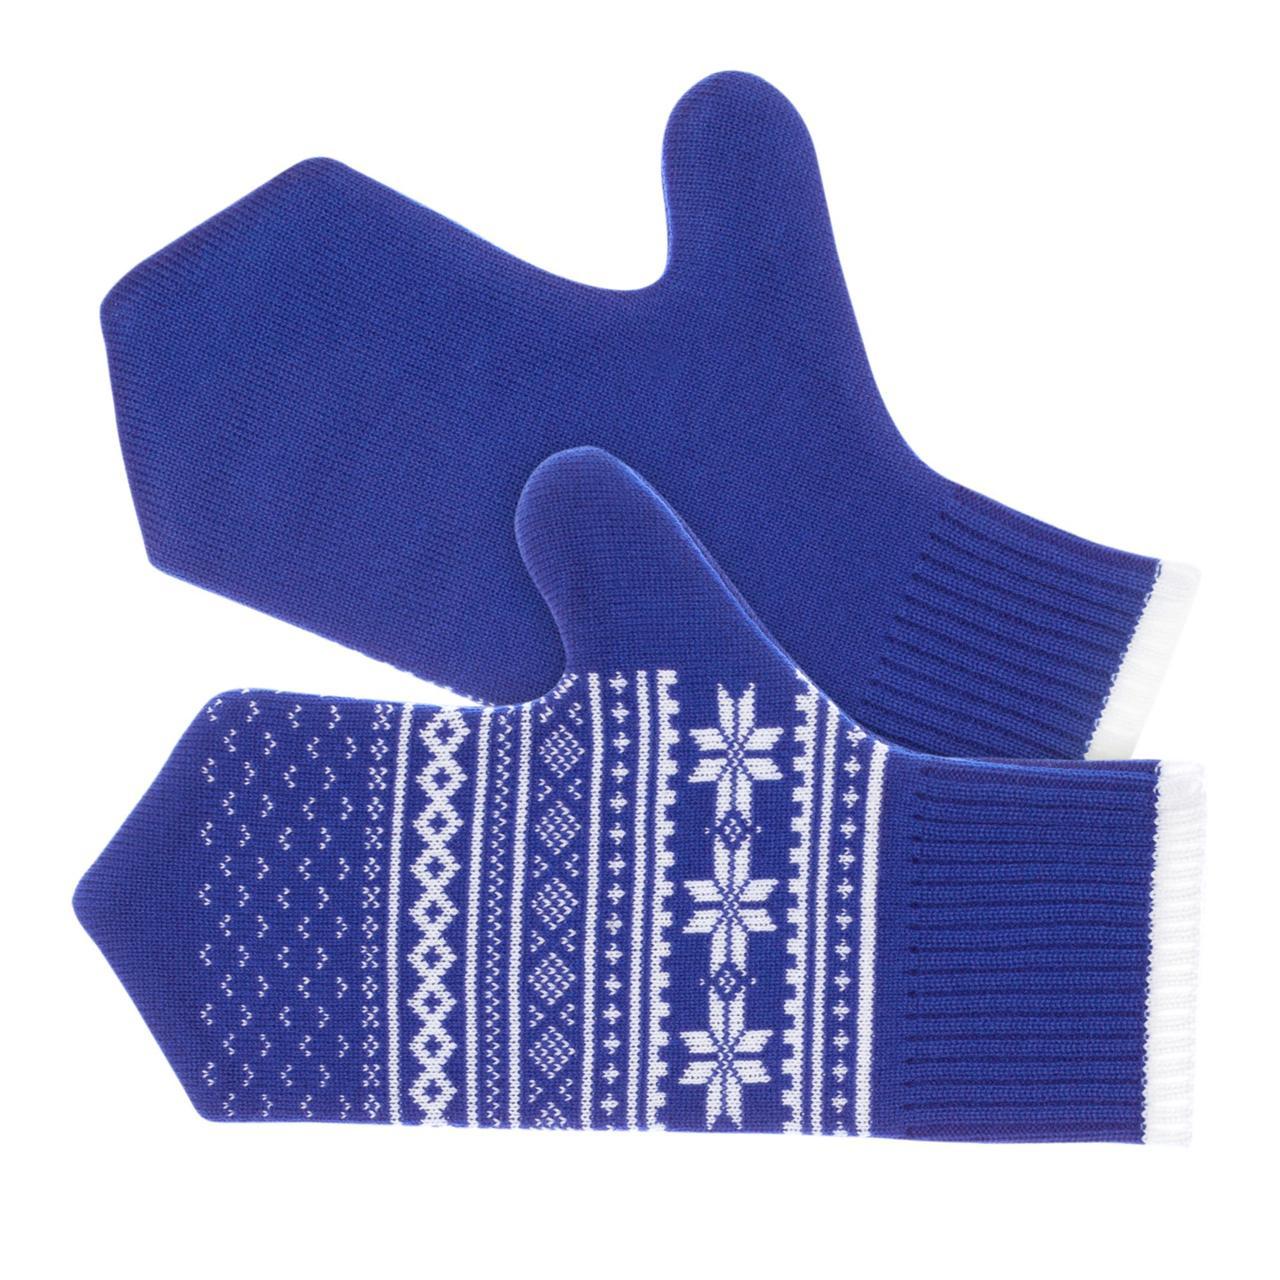 Варежки «Скандик», синие (василек) (артикул 2209.44)